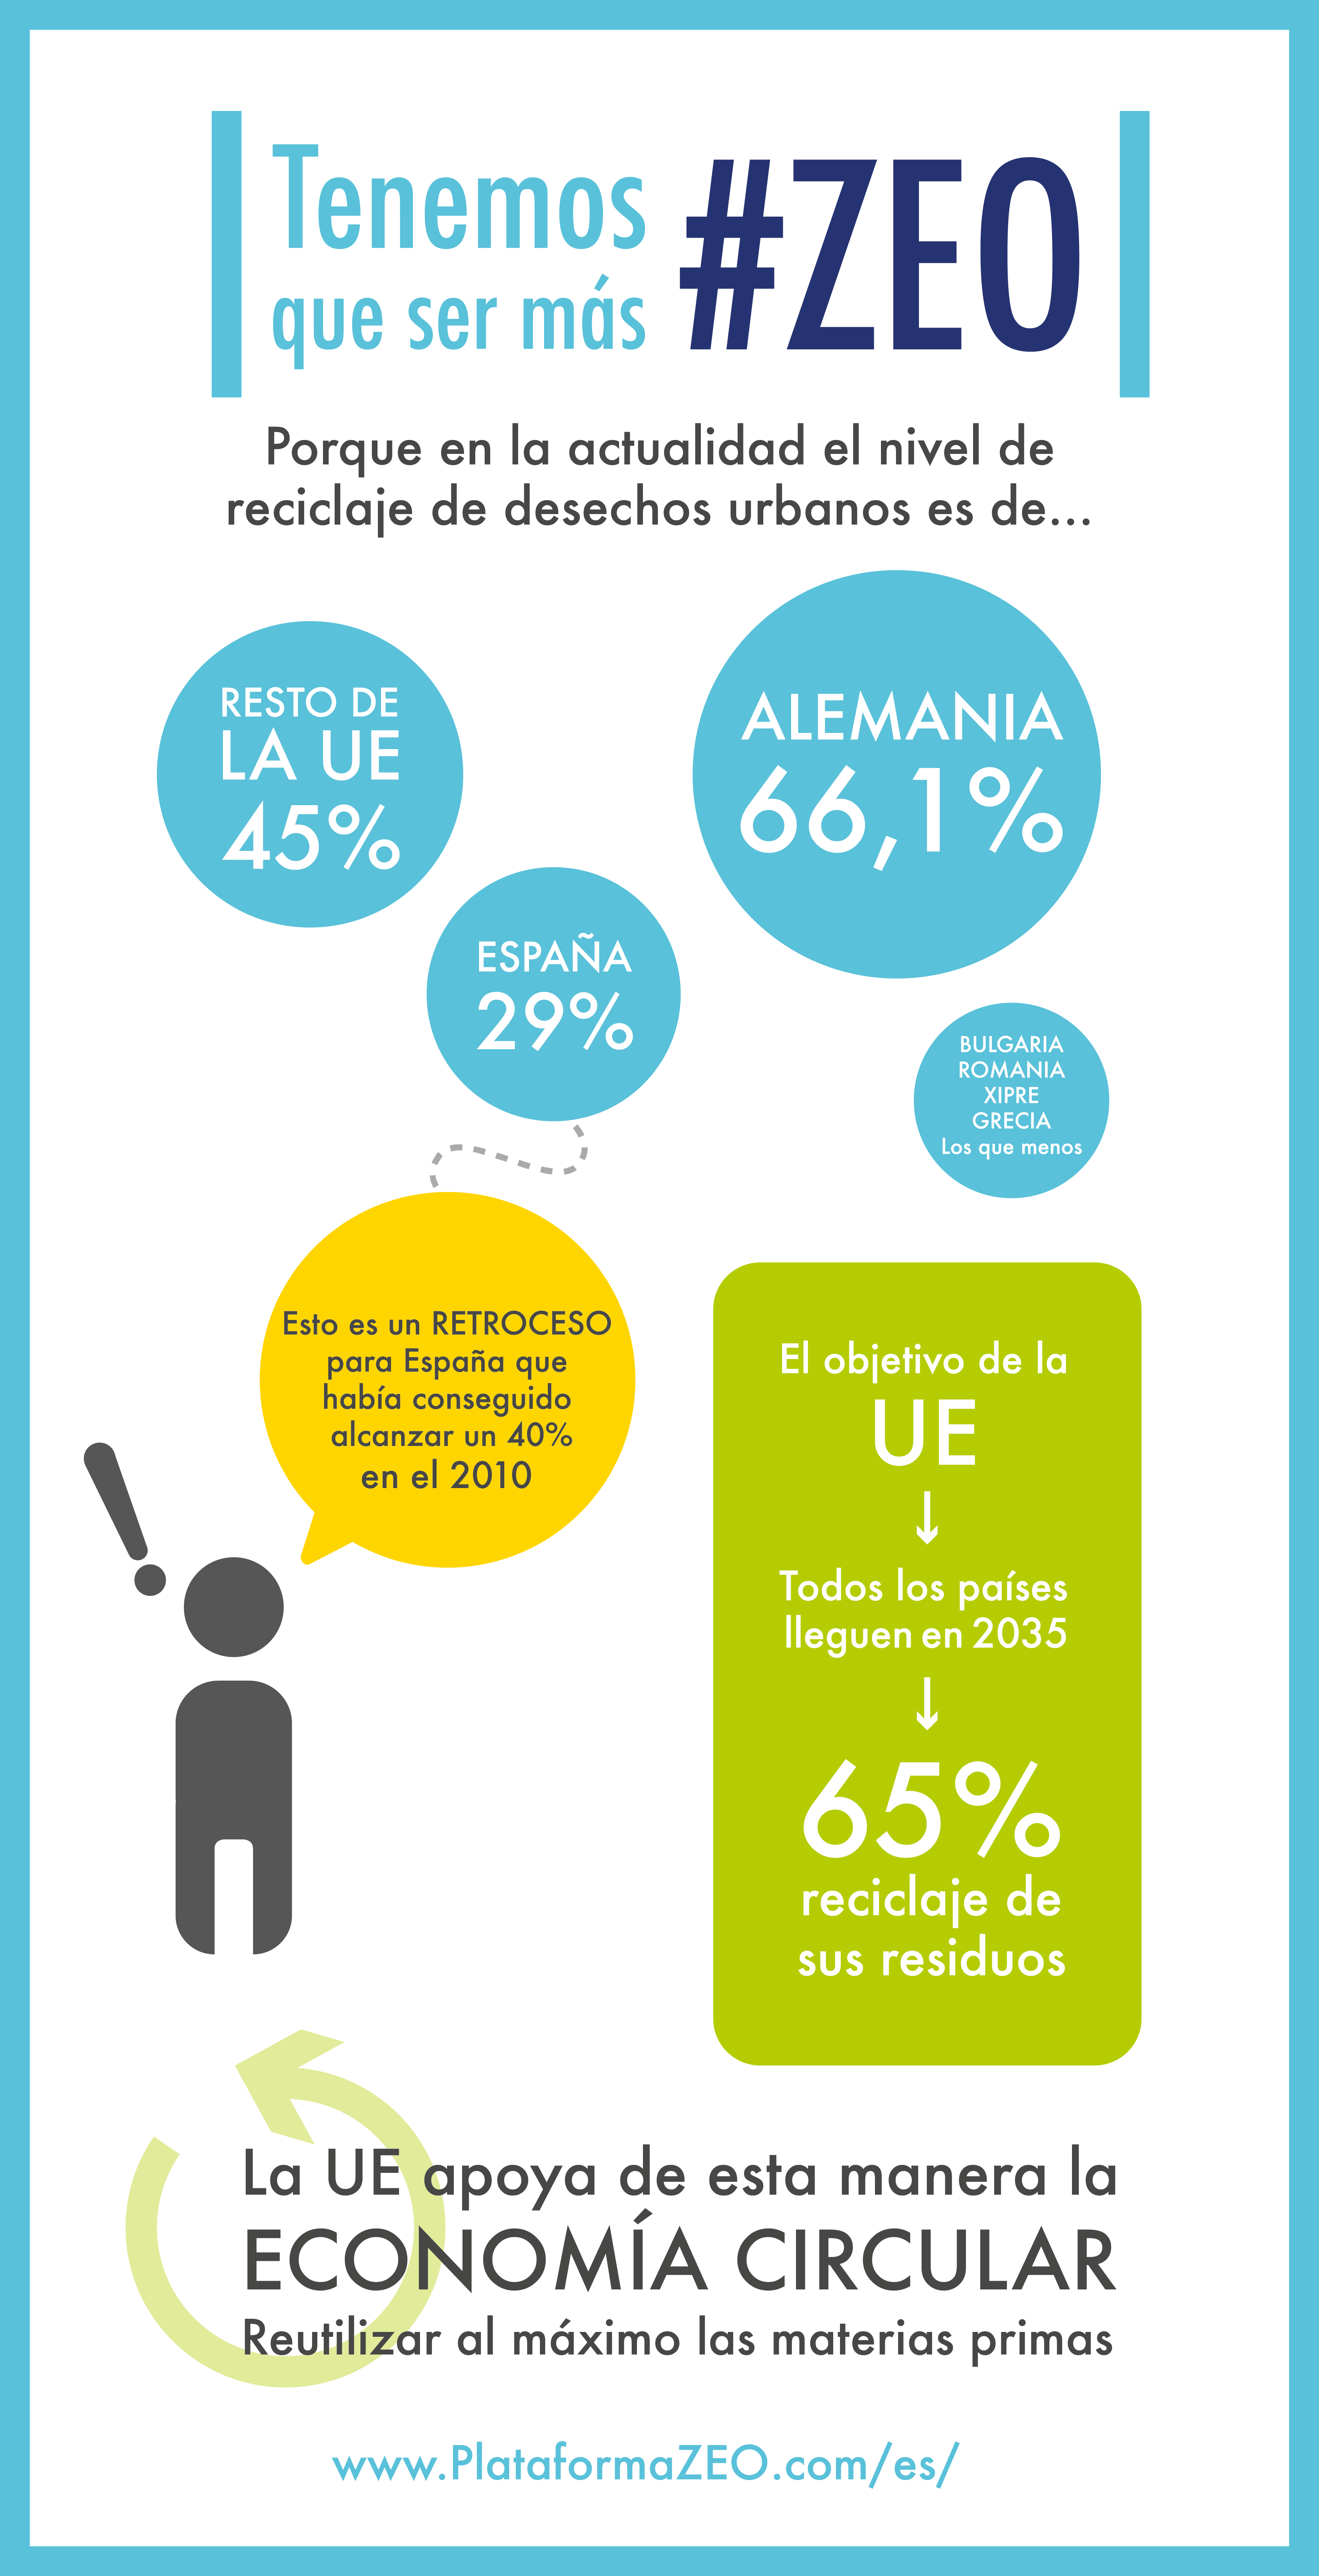 España suspende en reciclaje respecto al resto de países de la Unión Europea